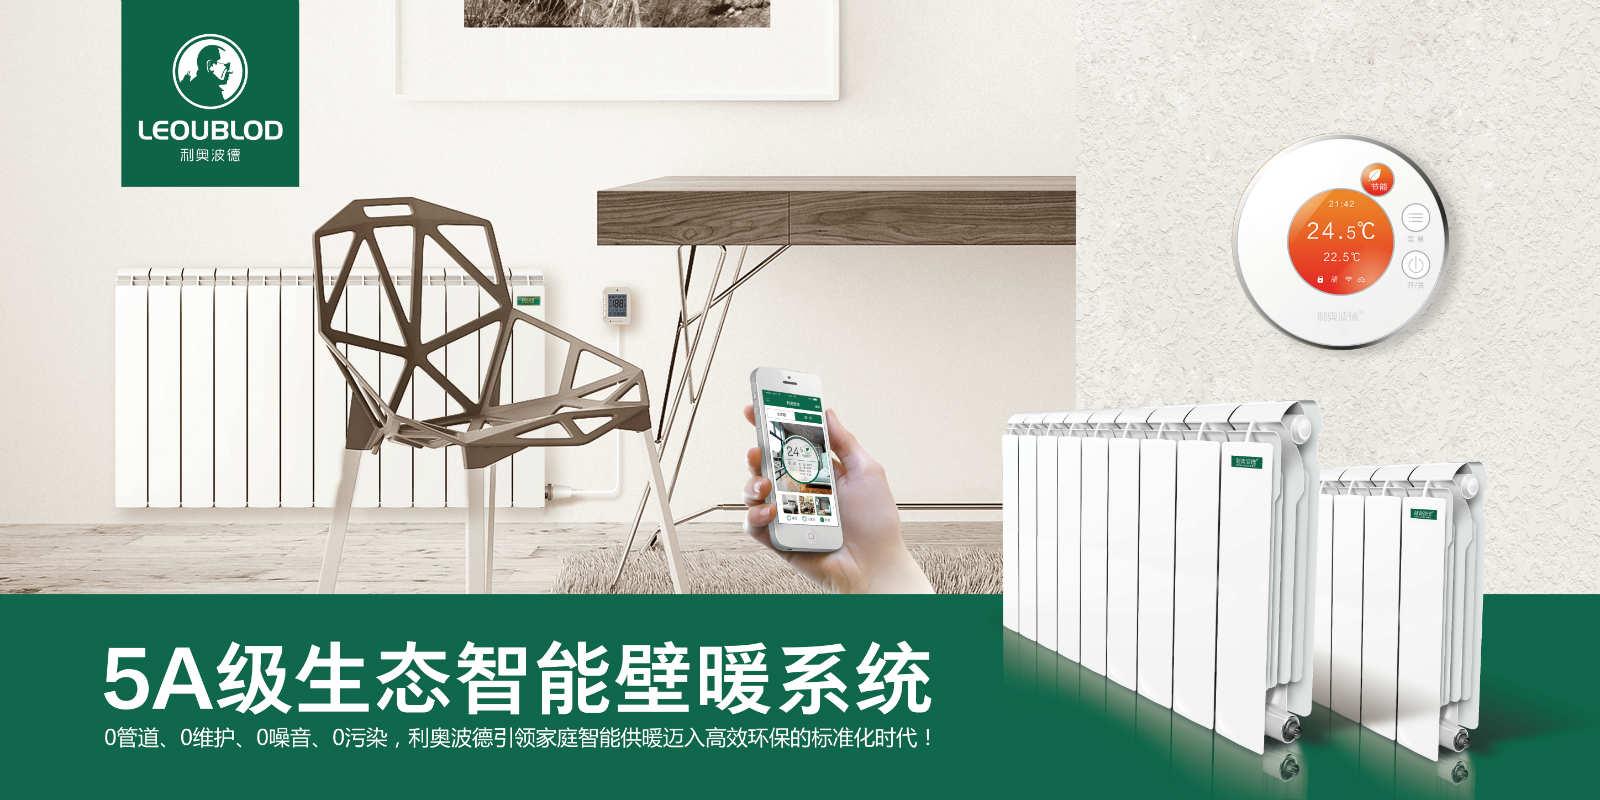 杭州哈尔斯实业有限公司——您身边的暖气散热片厂家及电加热取暖器厂家专家